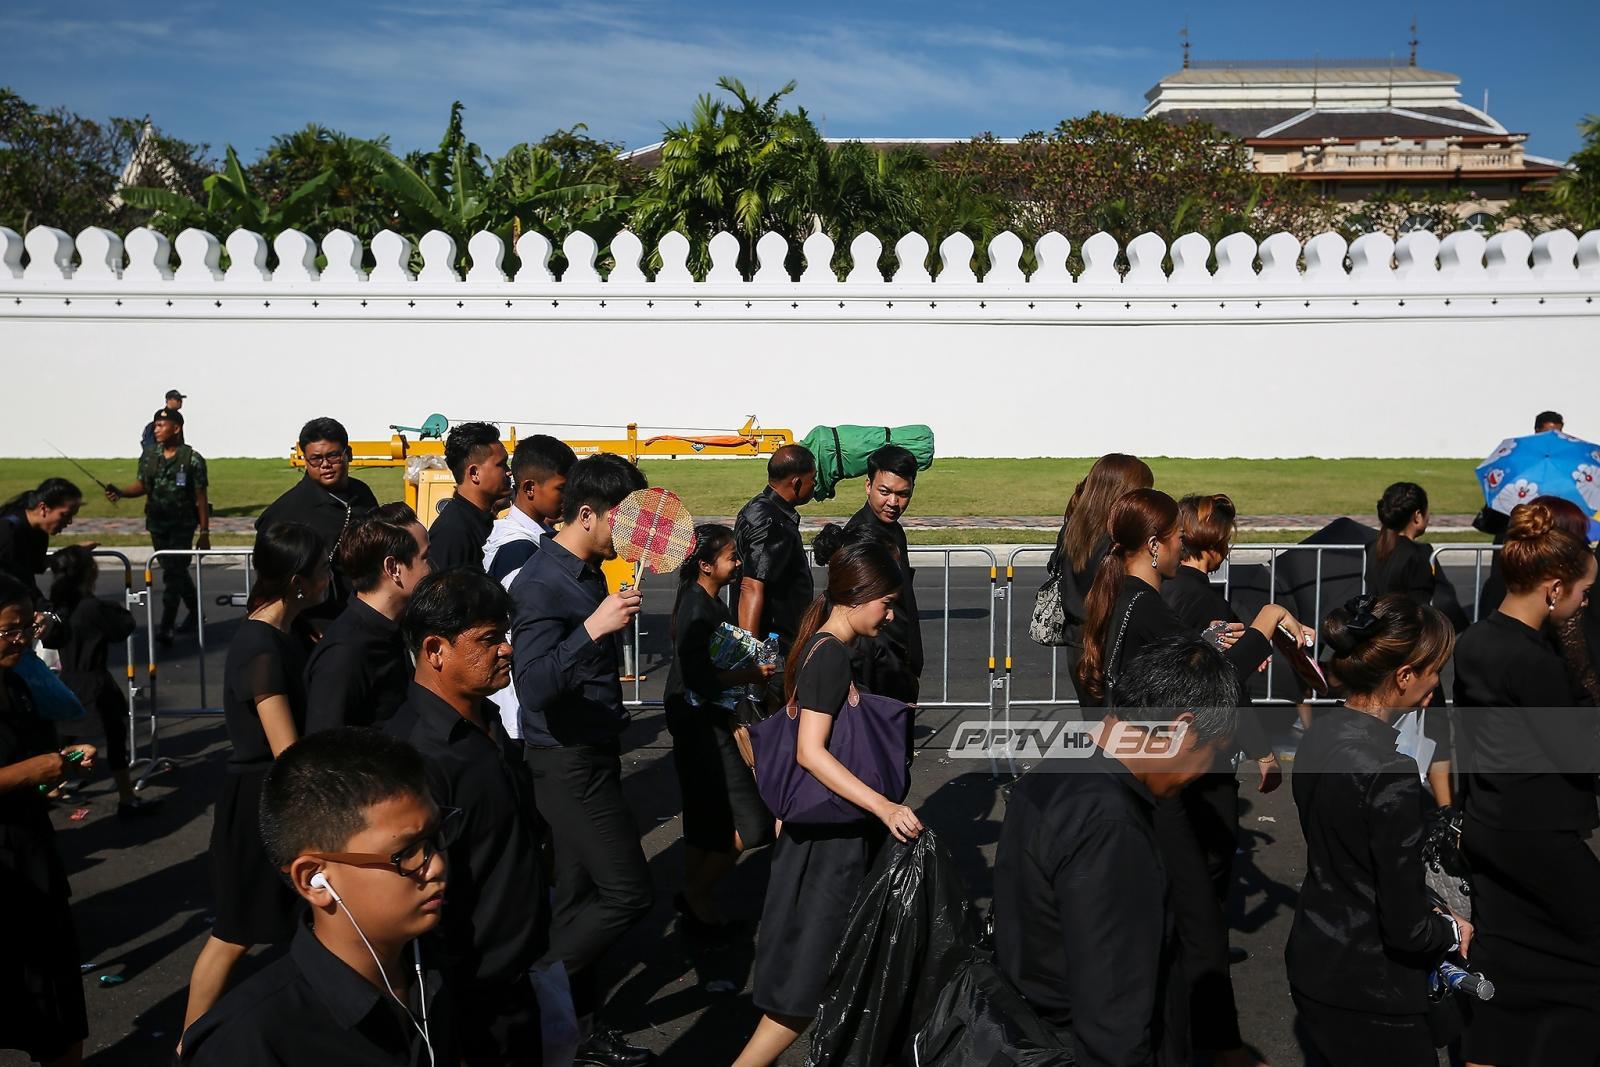 พสกนิกรซาบซึ้ง ในหลวงโปรดเกล้าฯขยายเวลากราบพระบรมศพ